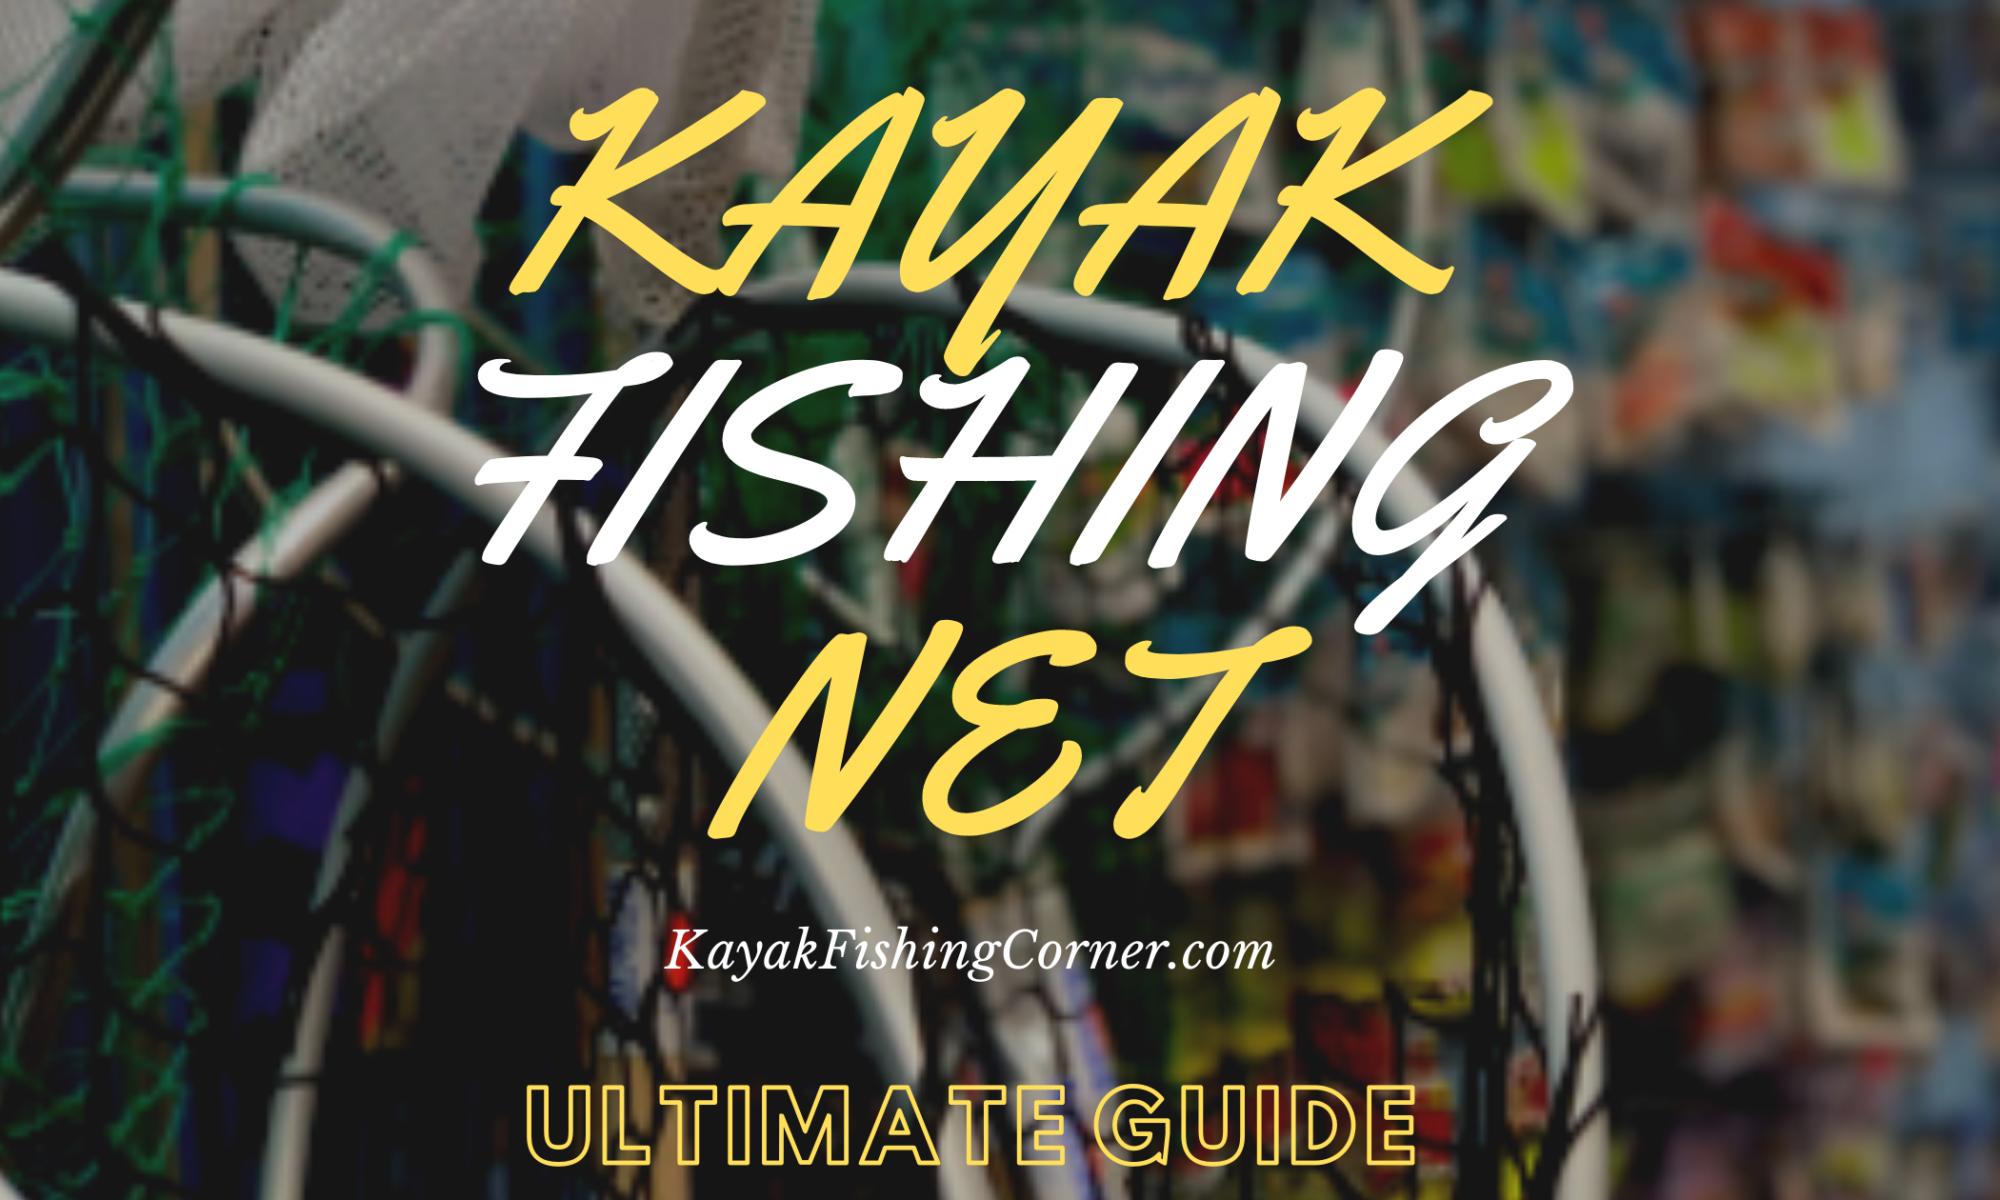 Kayak Fishing Net